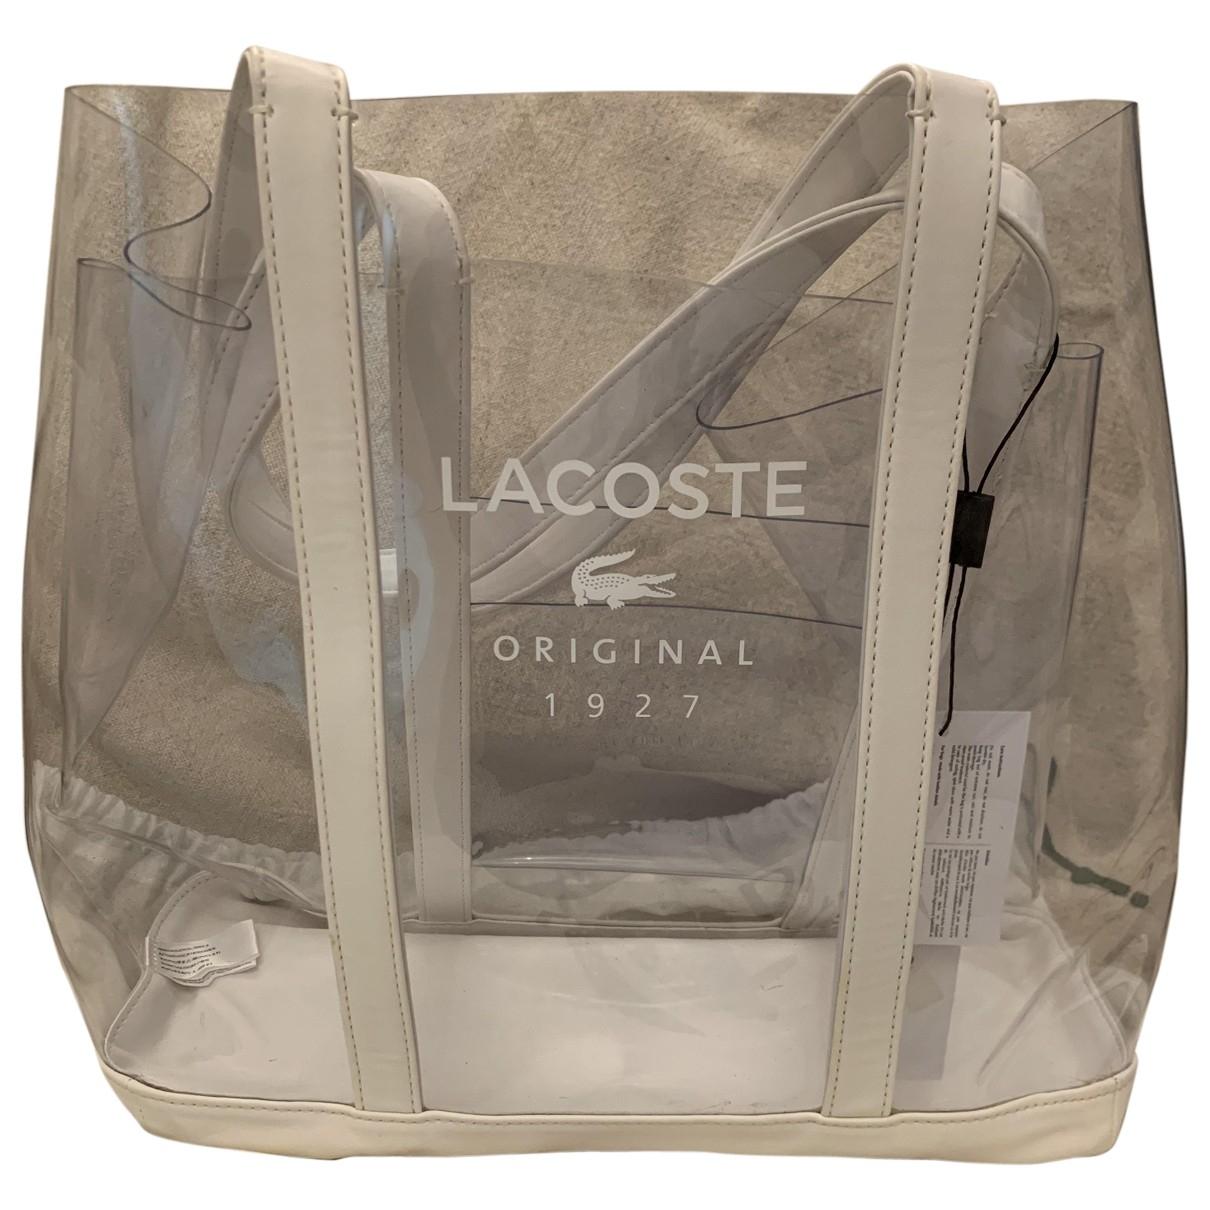 Lacoste \N White handbag for Women \N